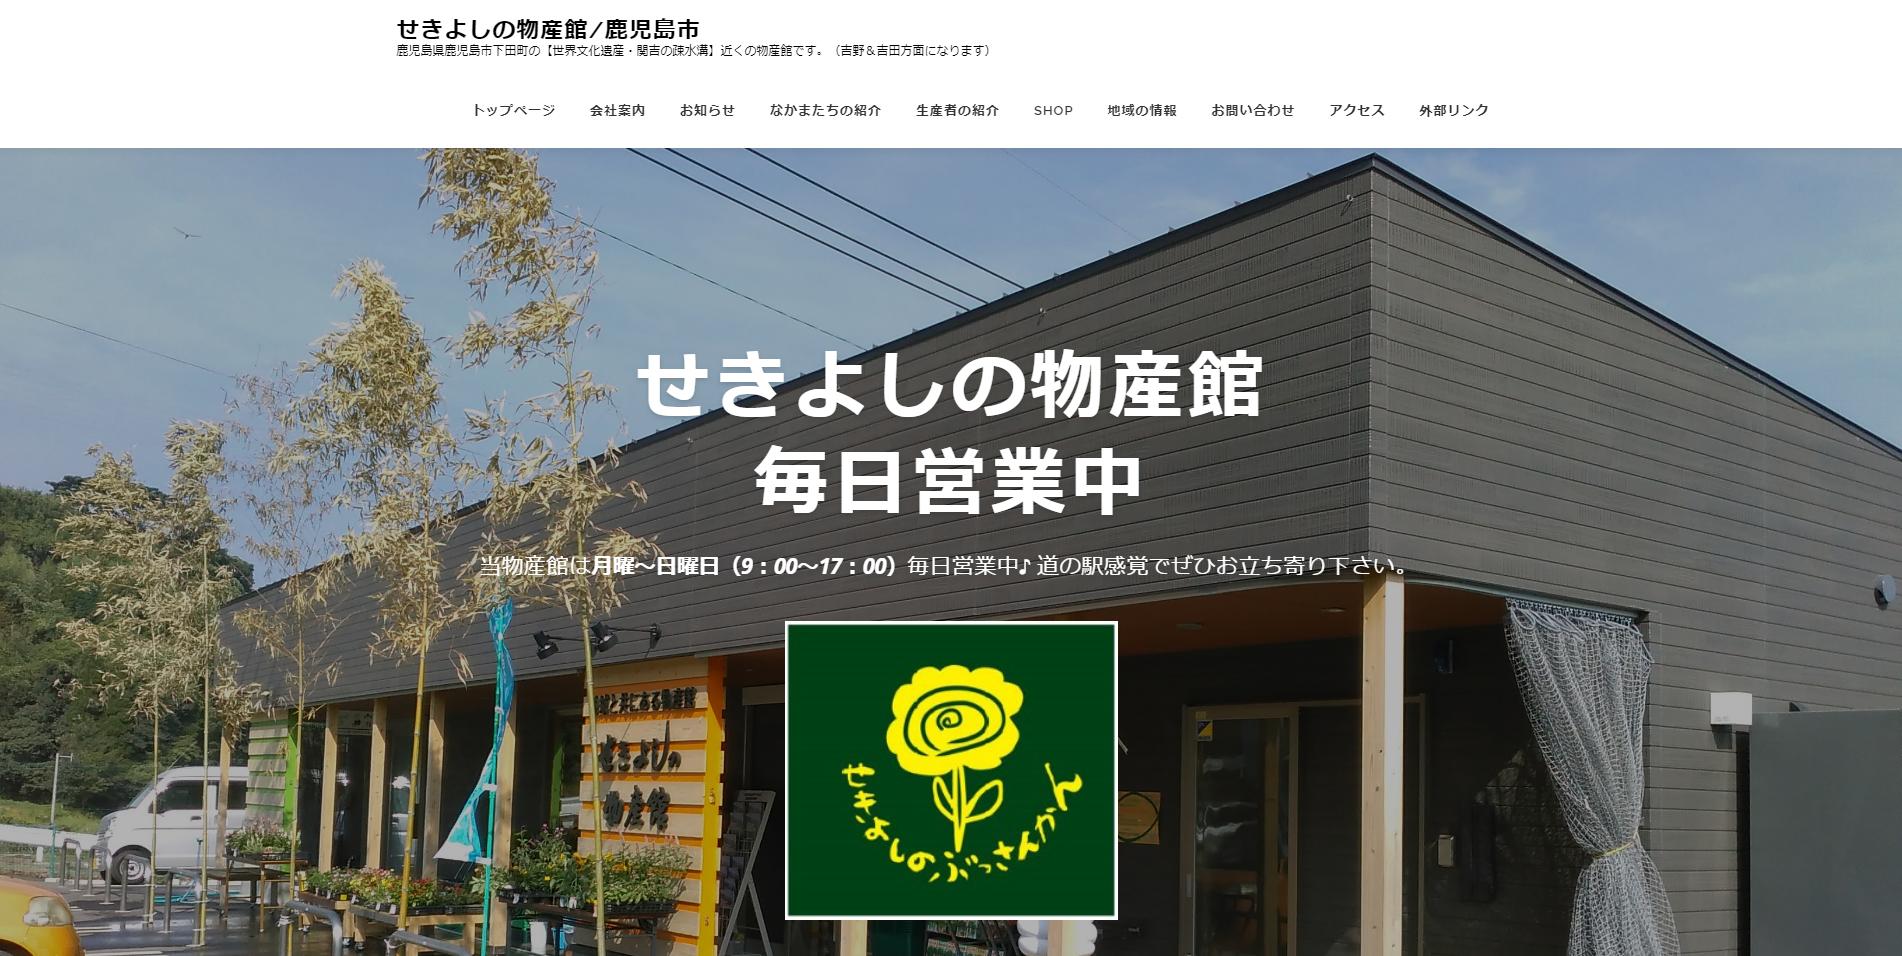 「せきよしの物産館」様のホームページが完成しました。